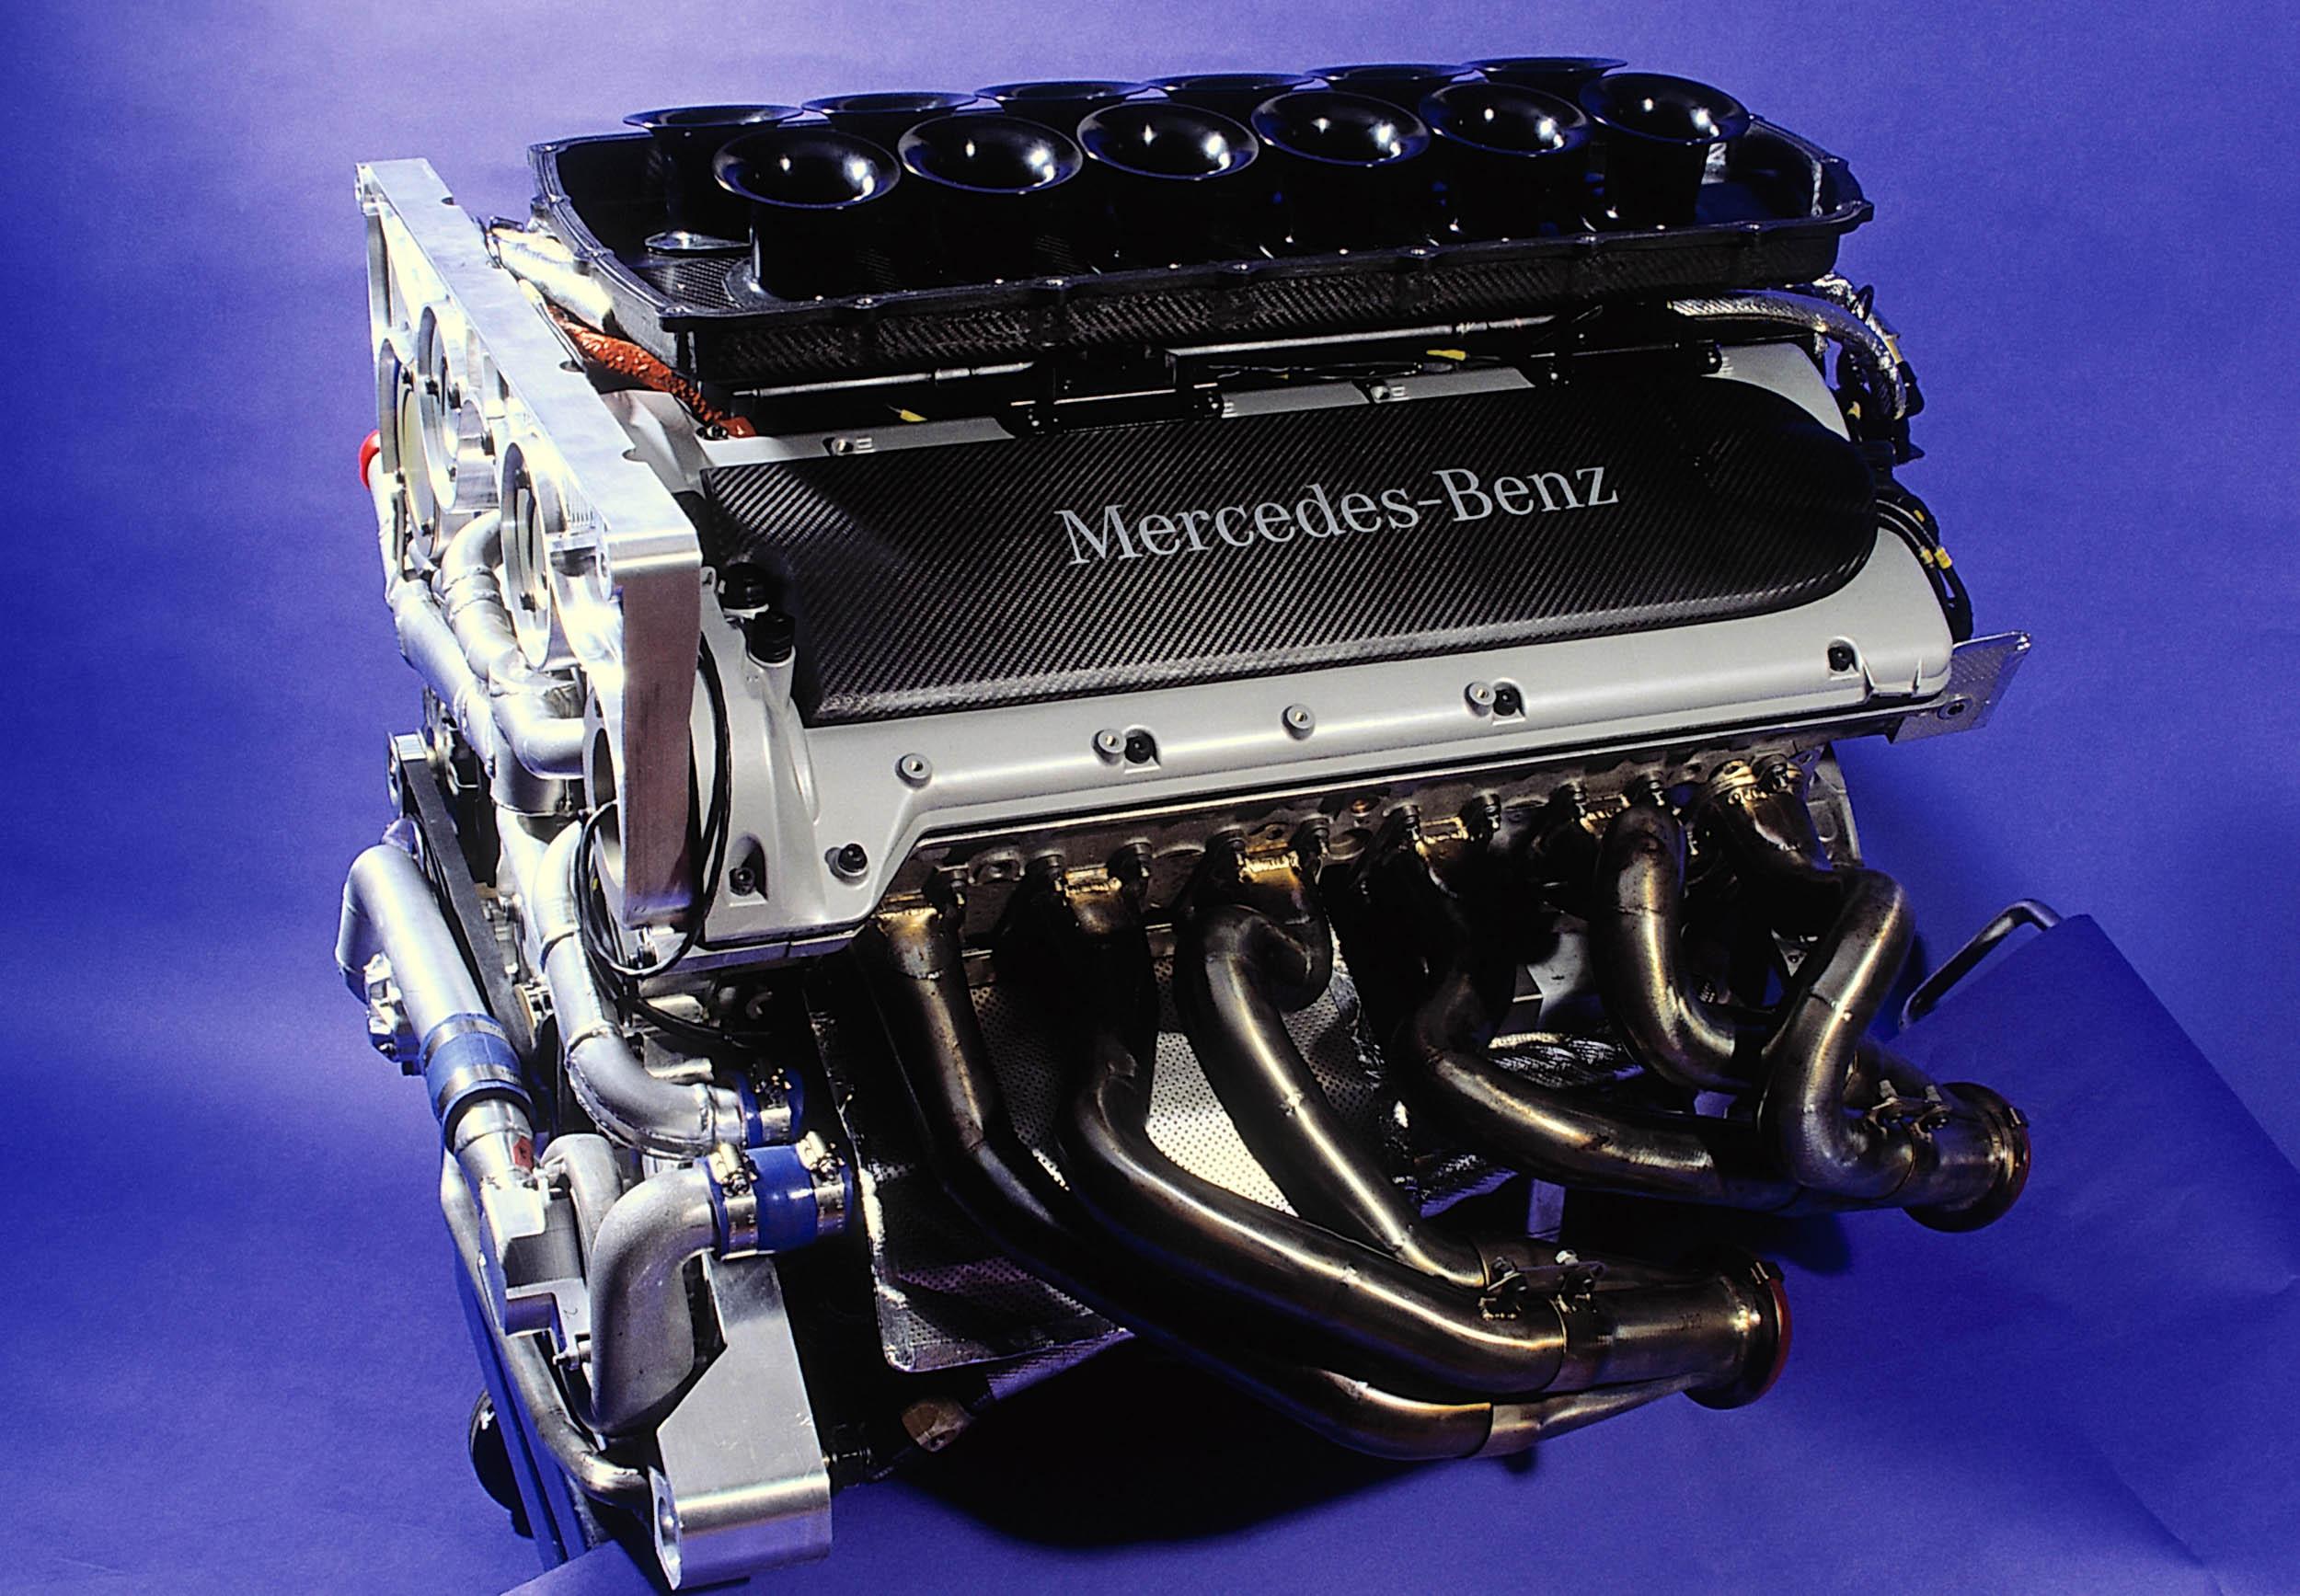 Mercedes-Benz CLK GTR V-12